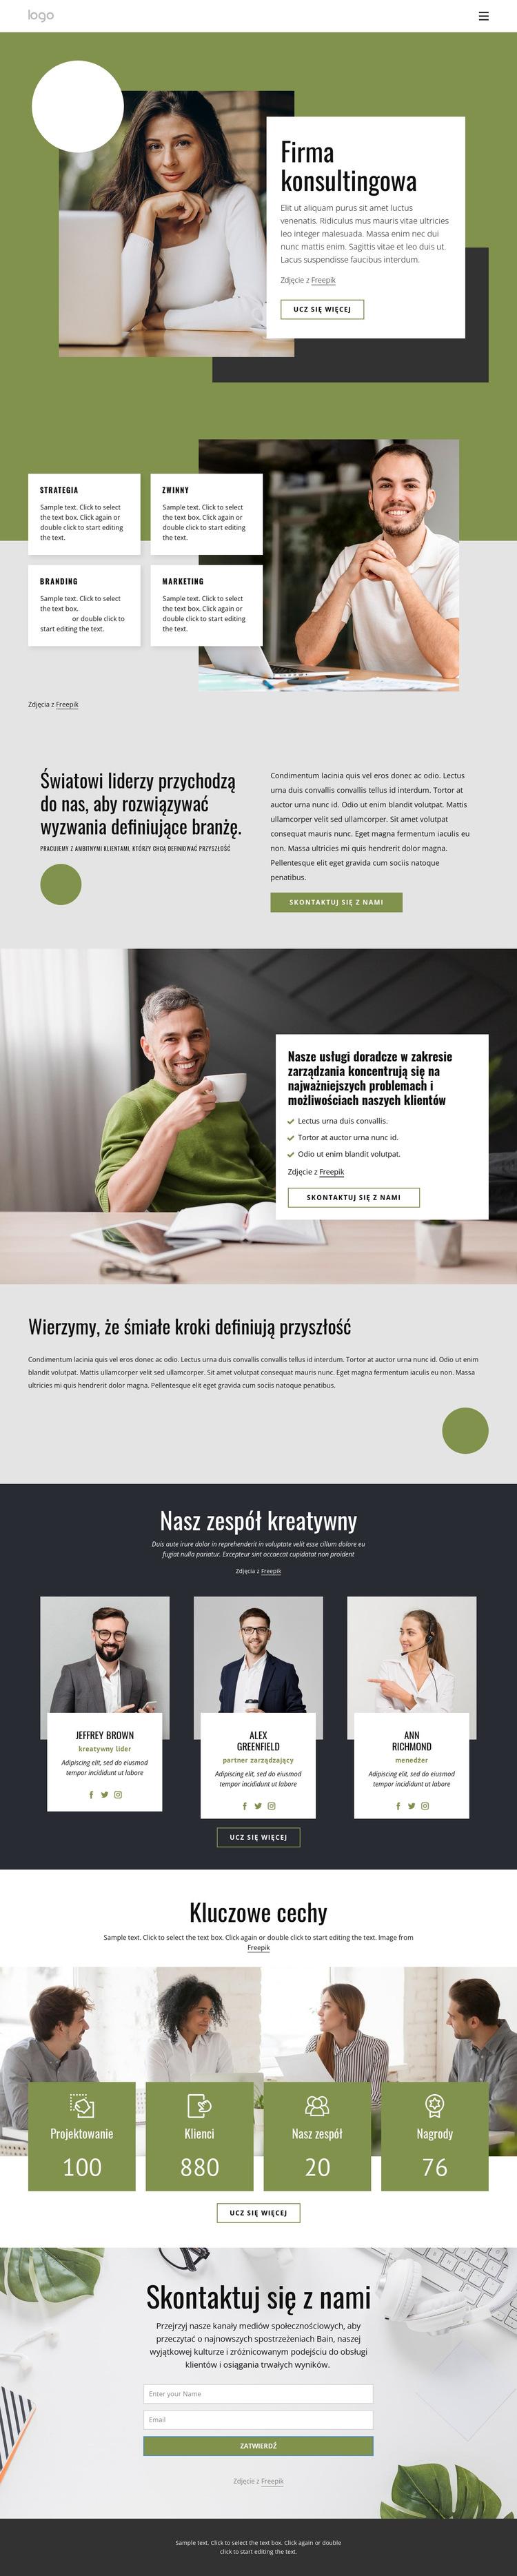 Zacznij wprowadzać innowacje Szablon witryny sieci Web